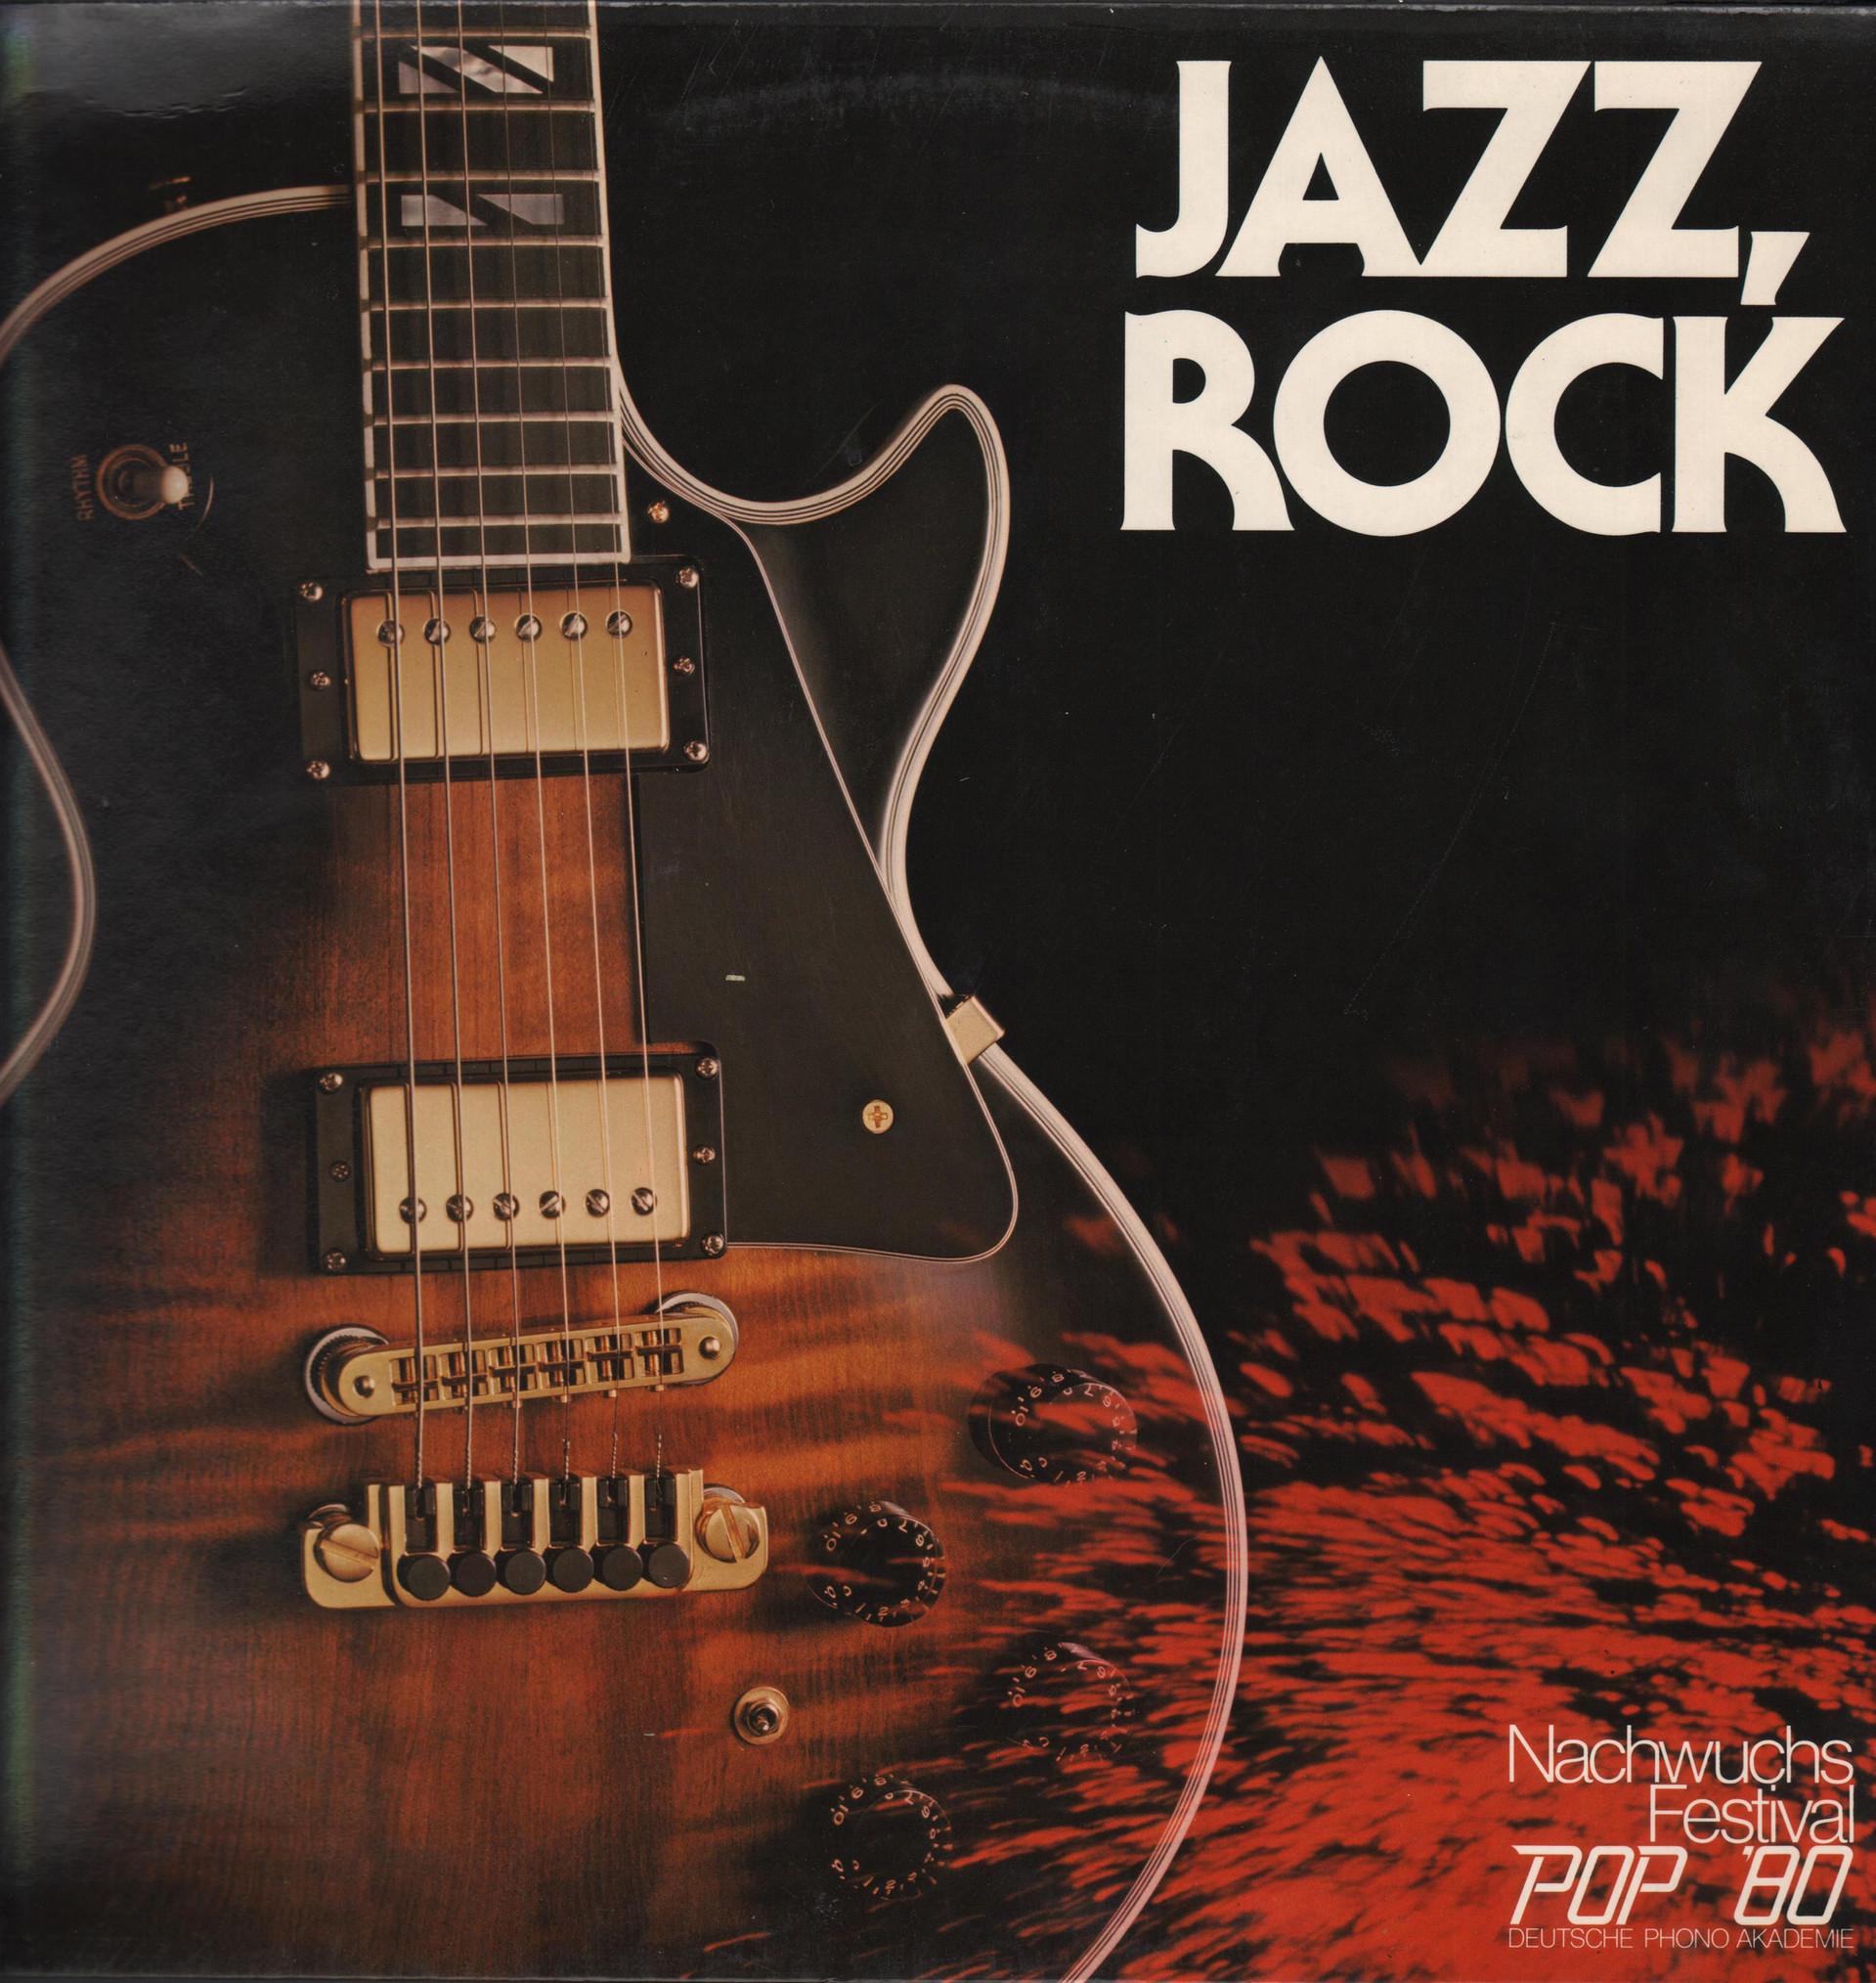 LP Jazz und Rock Nachwuchsfestival, 1980, Deutsche Phonoakademie